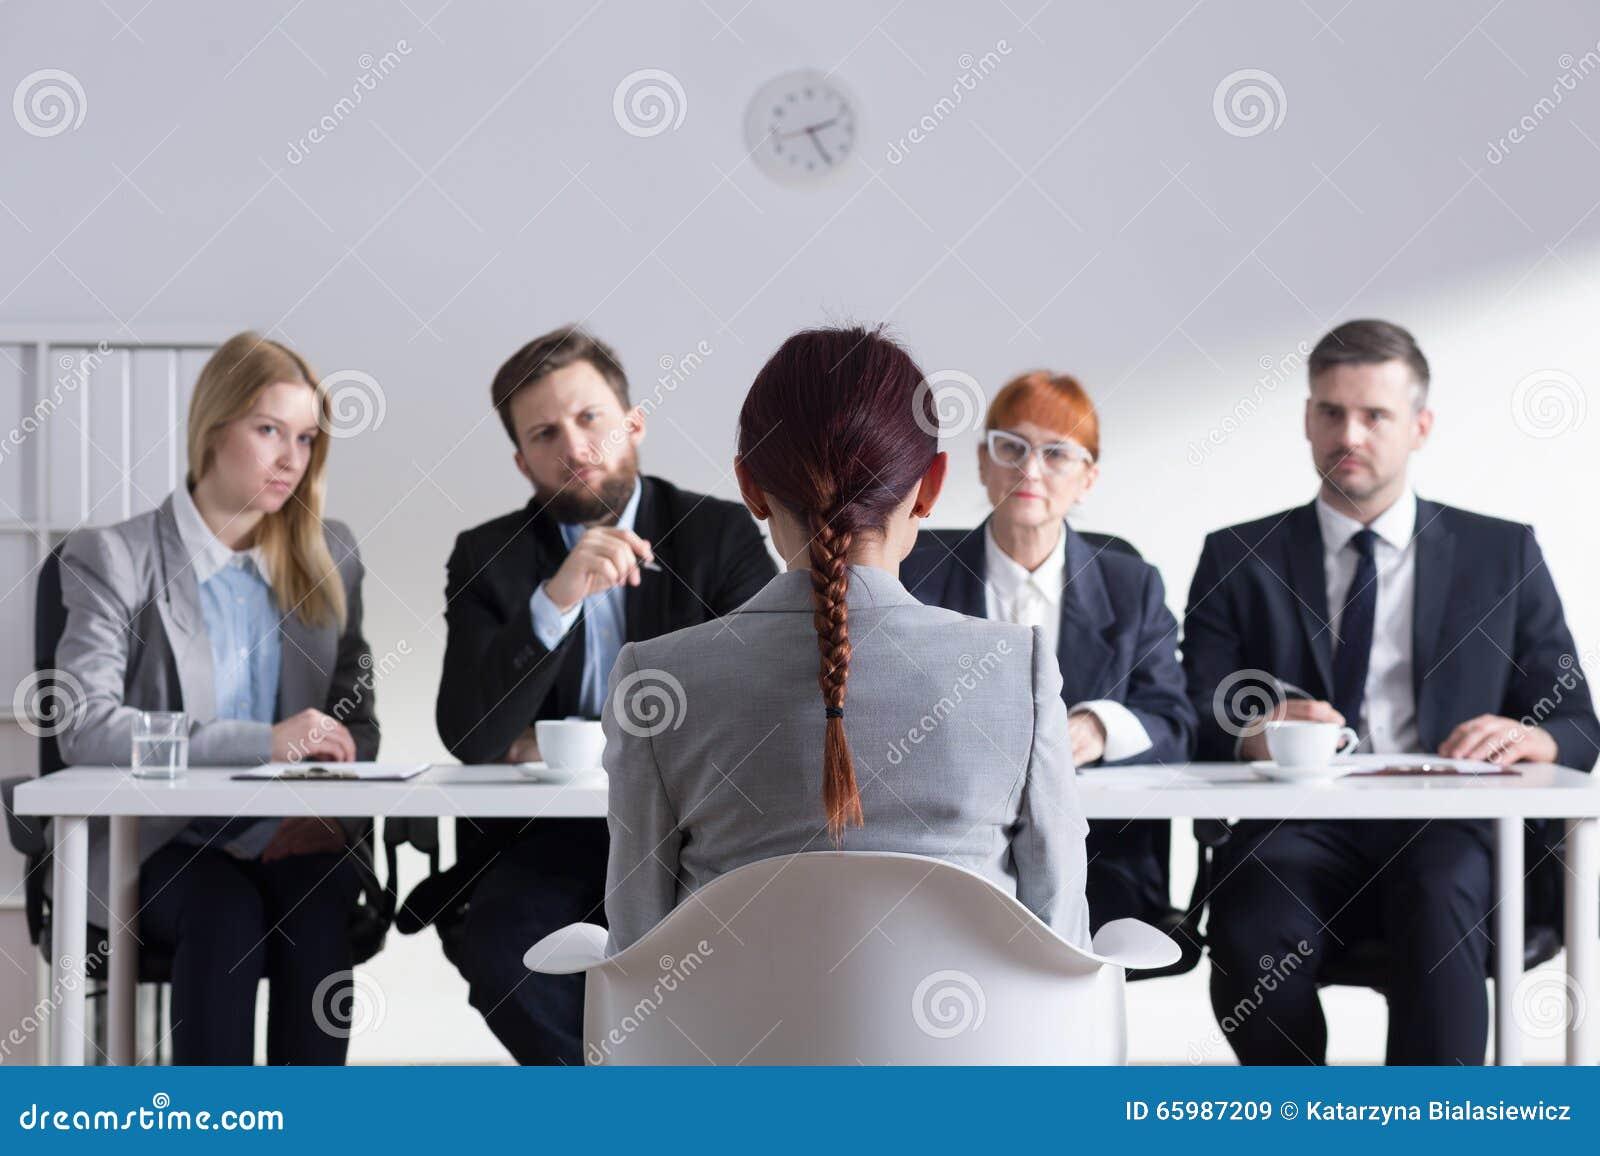 Så önskar du arbete i vår firma